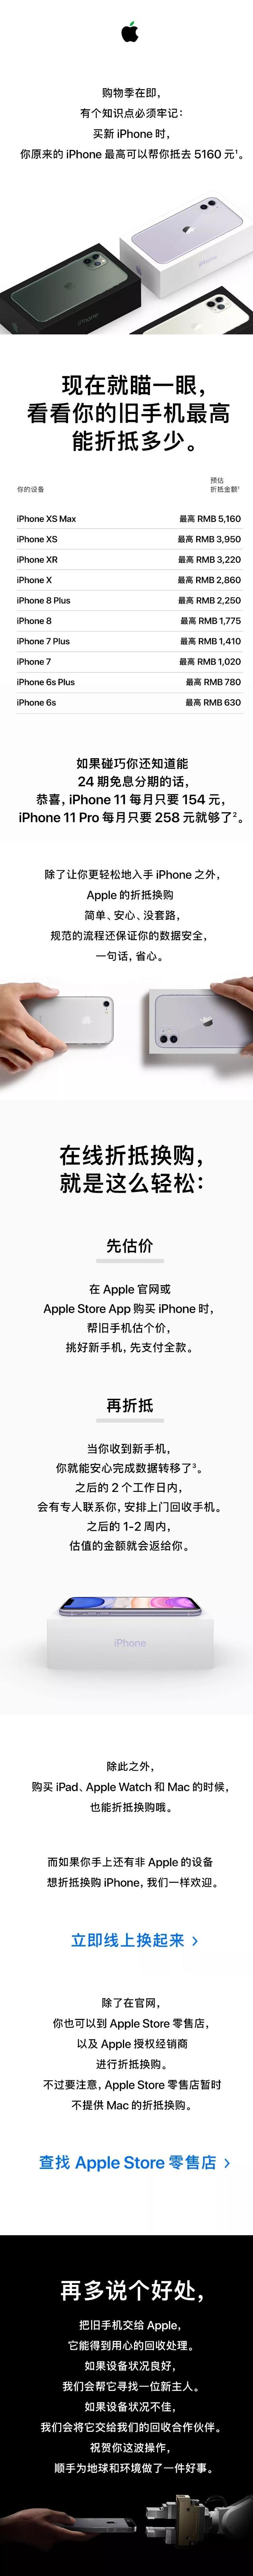 iPhone 11每个月只需154元!iPhone新旧置换起动:二手机最大抵516零元